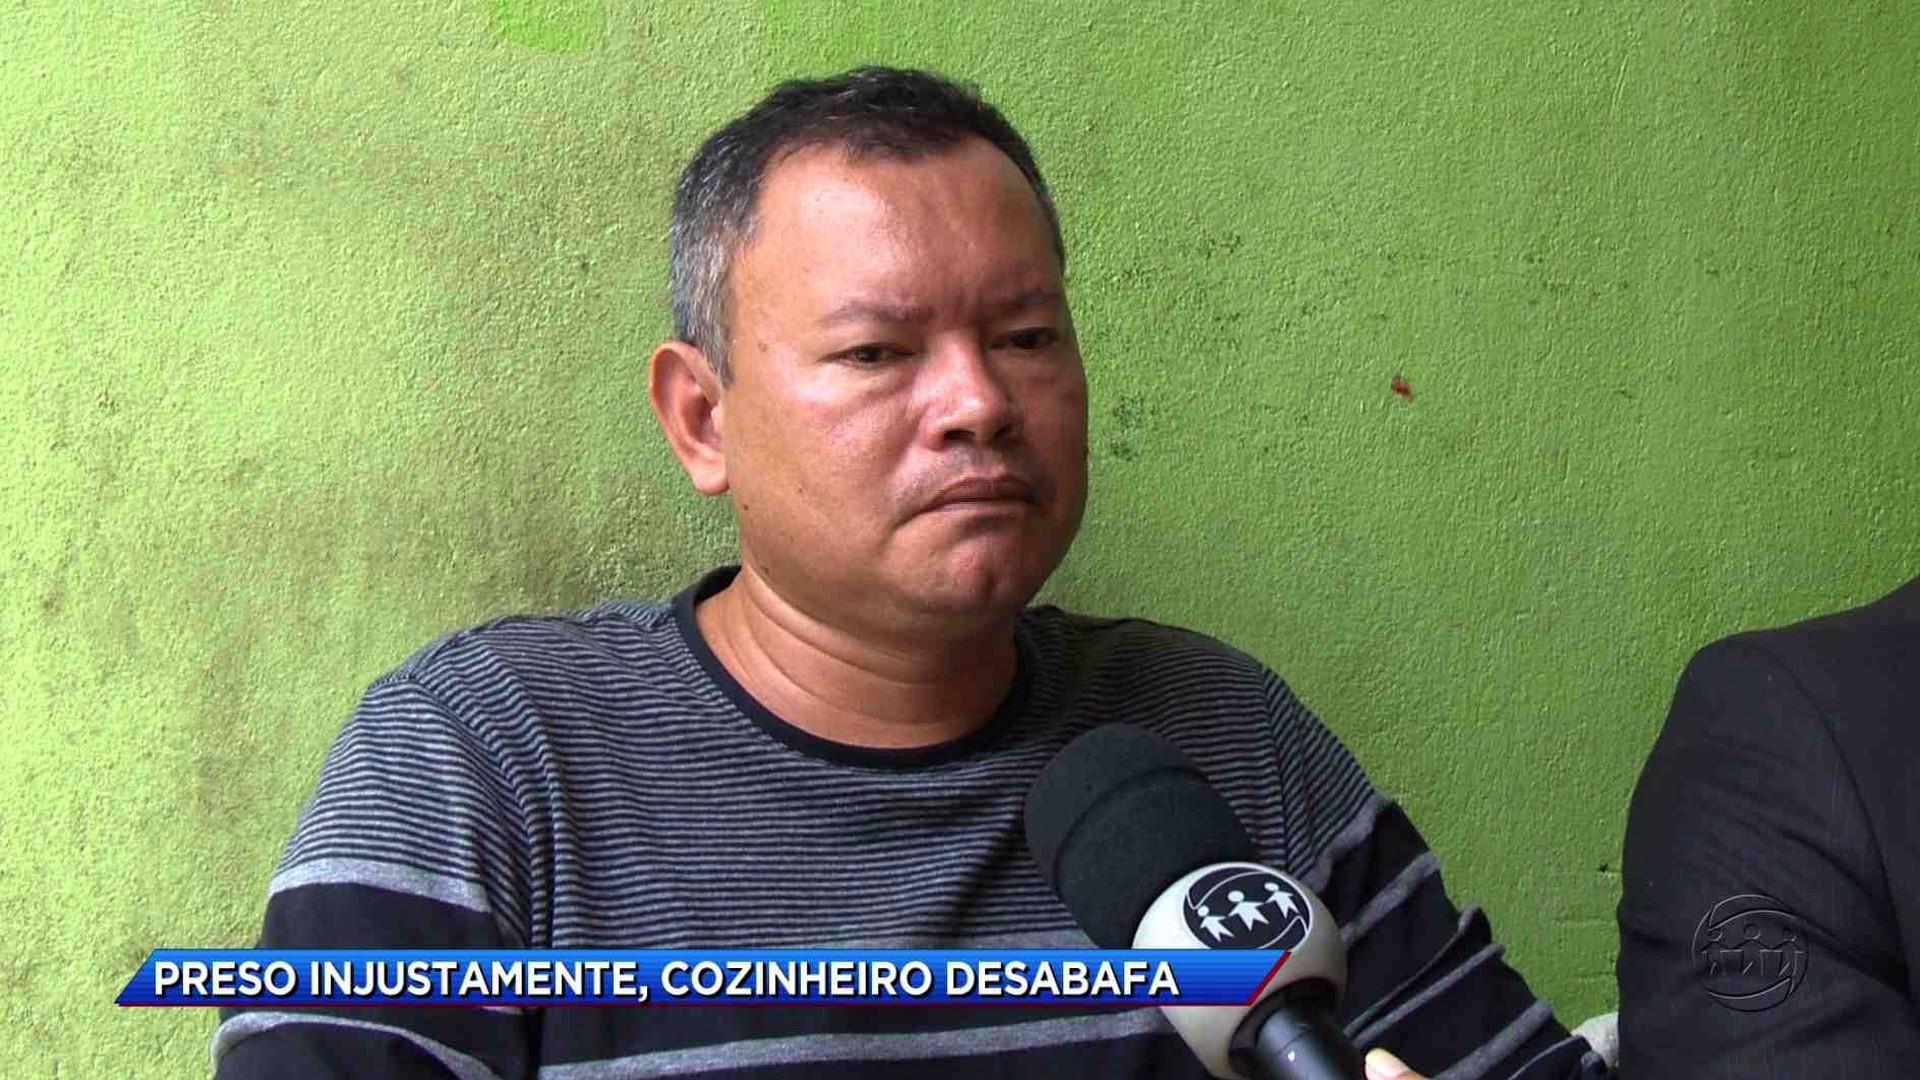 COZINHEIRO VIVE MOMENTOS DIFÍCEIS AO SER ACUSADO DE ESTUPRO - Cidade Alerta Manaus 18/10/17